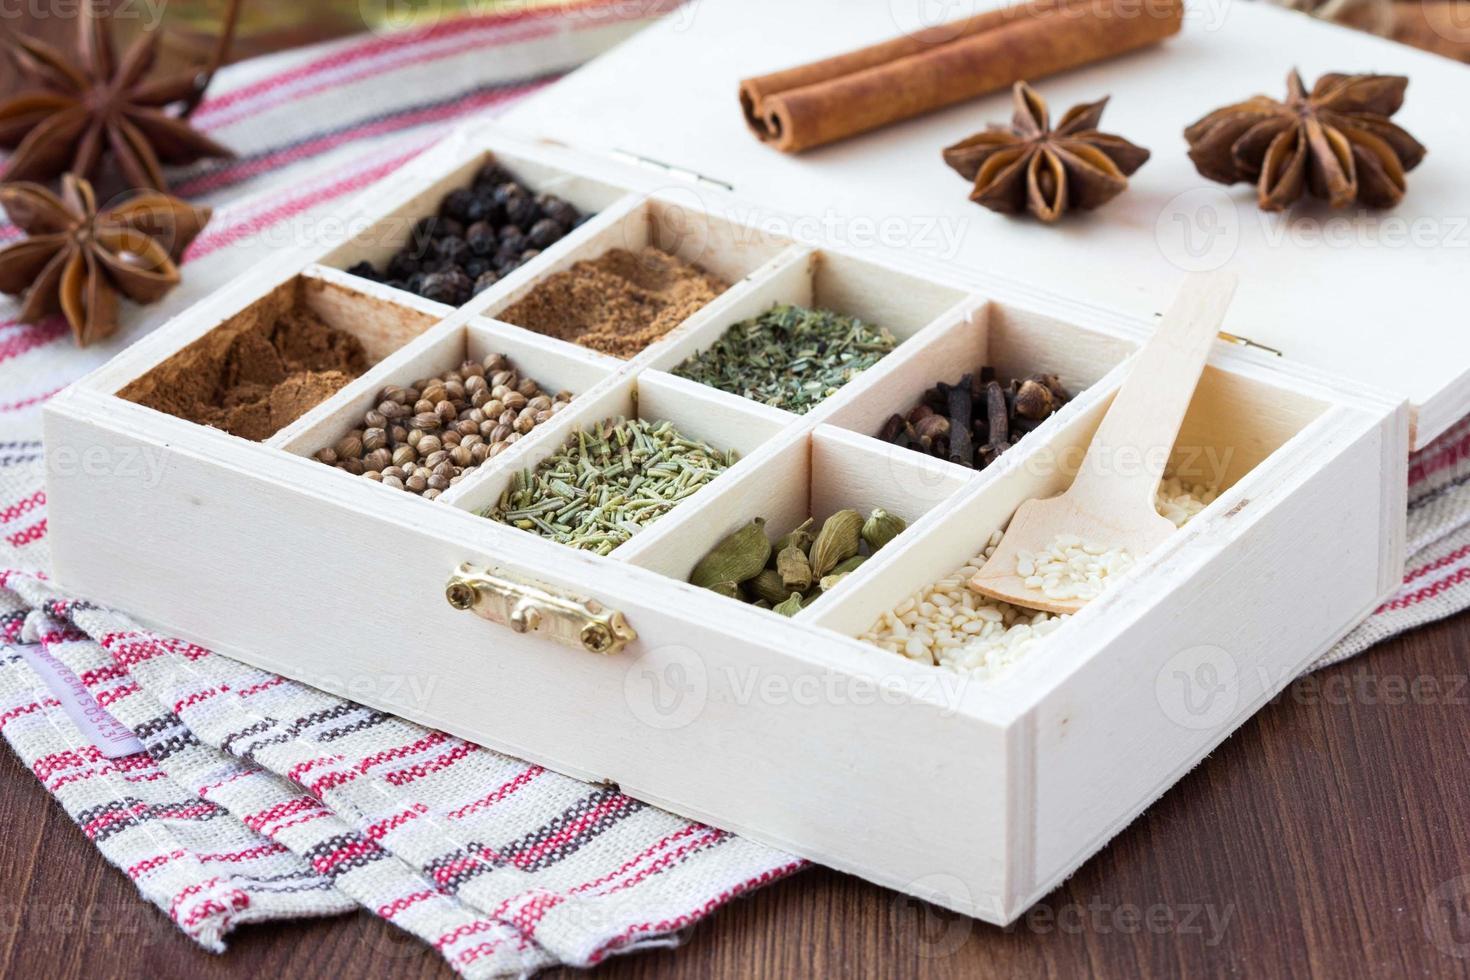 Colección surtido de especias y hierbas en caja de madera, comida foto